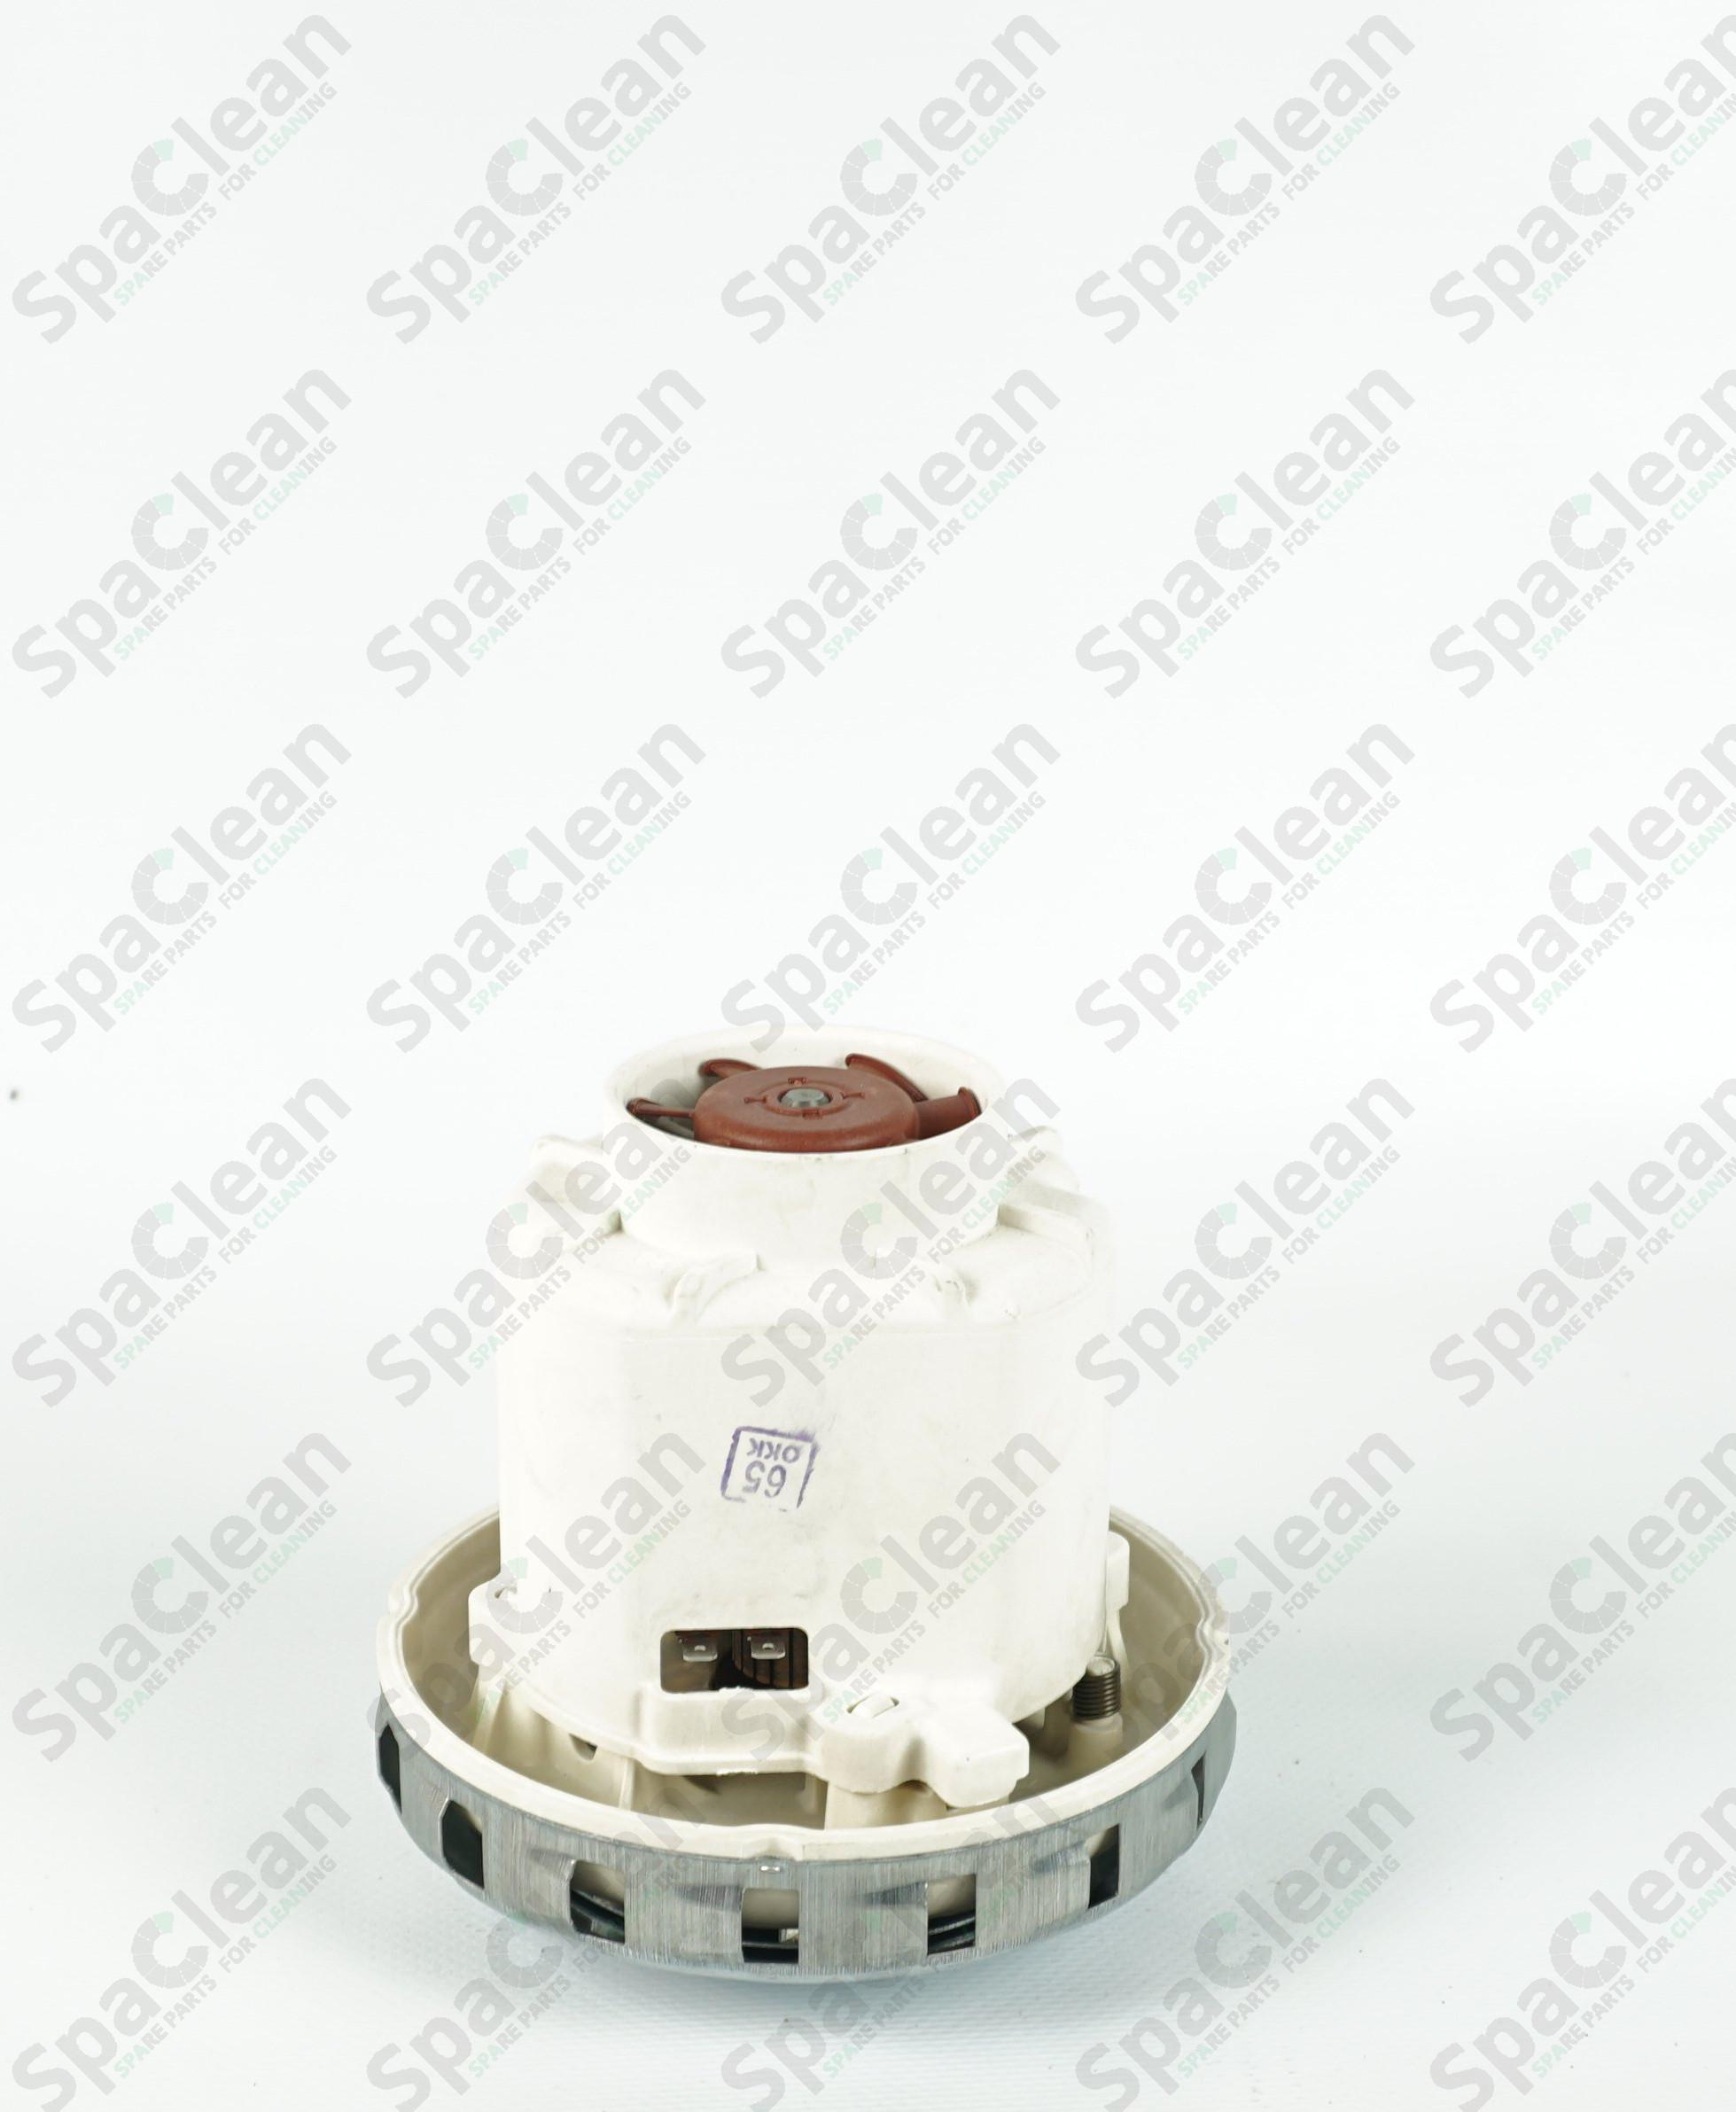 Мотор вакуумный 230V 1100W Одностадийный для Ghibli POWER TOOL D 36 I EL 230V EXP